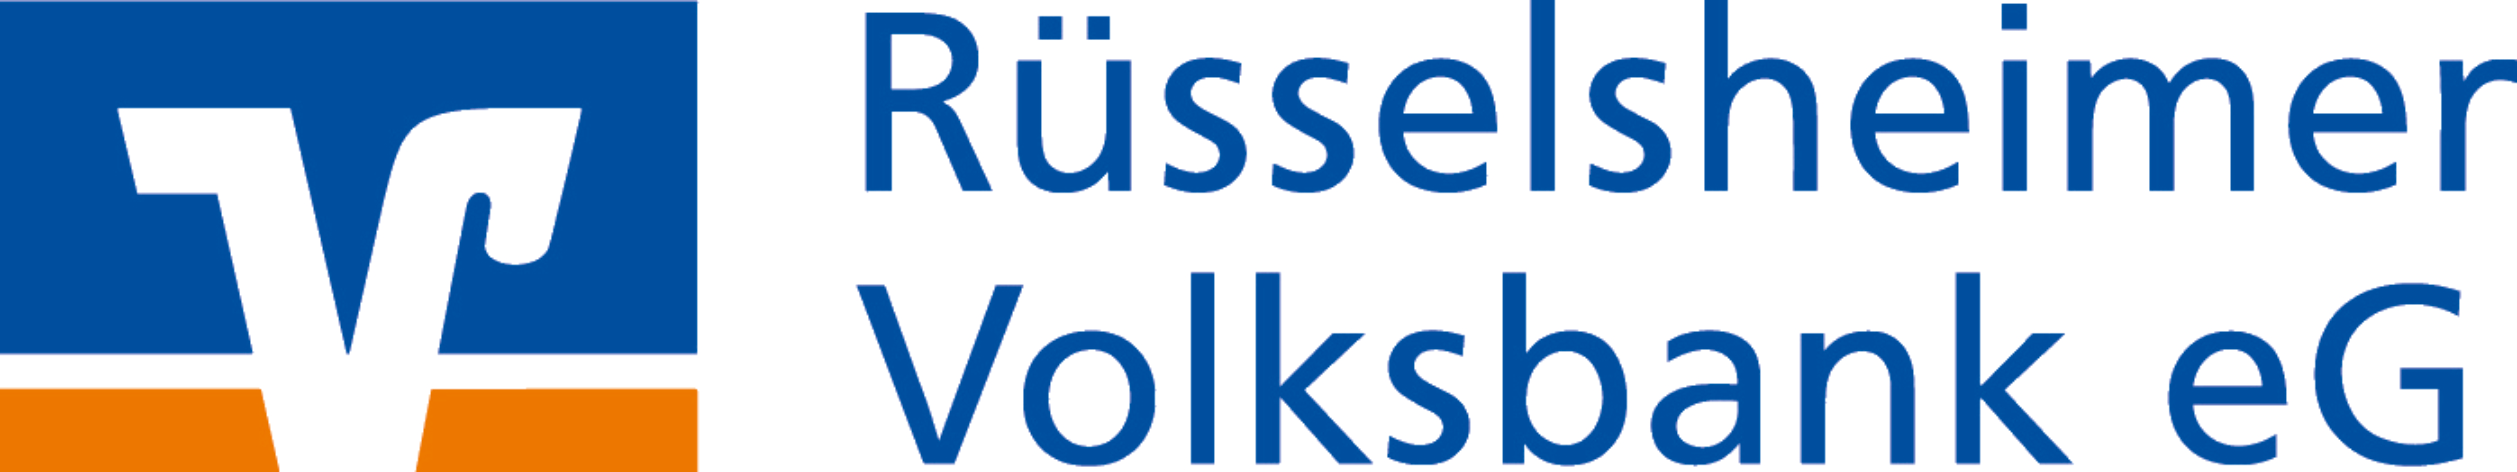 www.r-volksbank.de